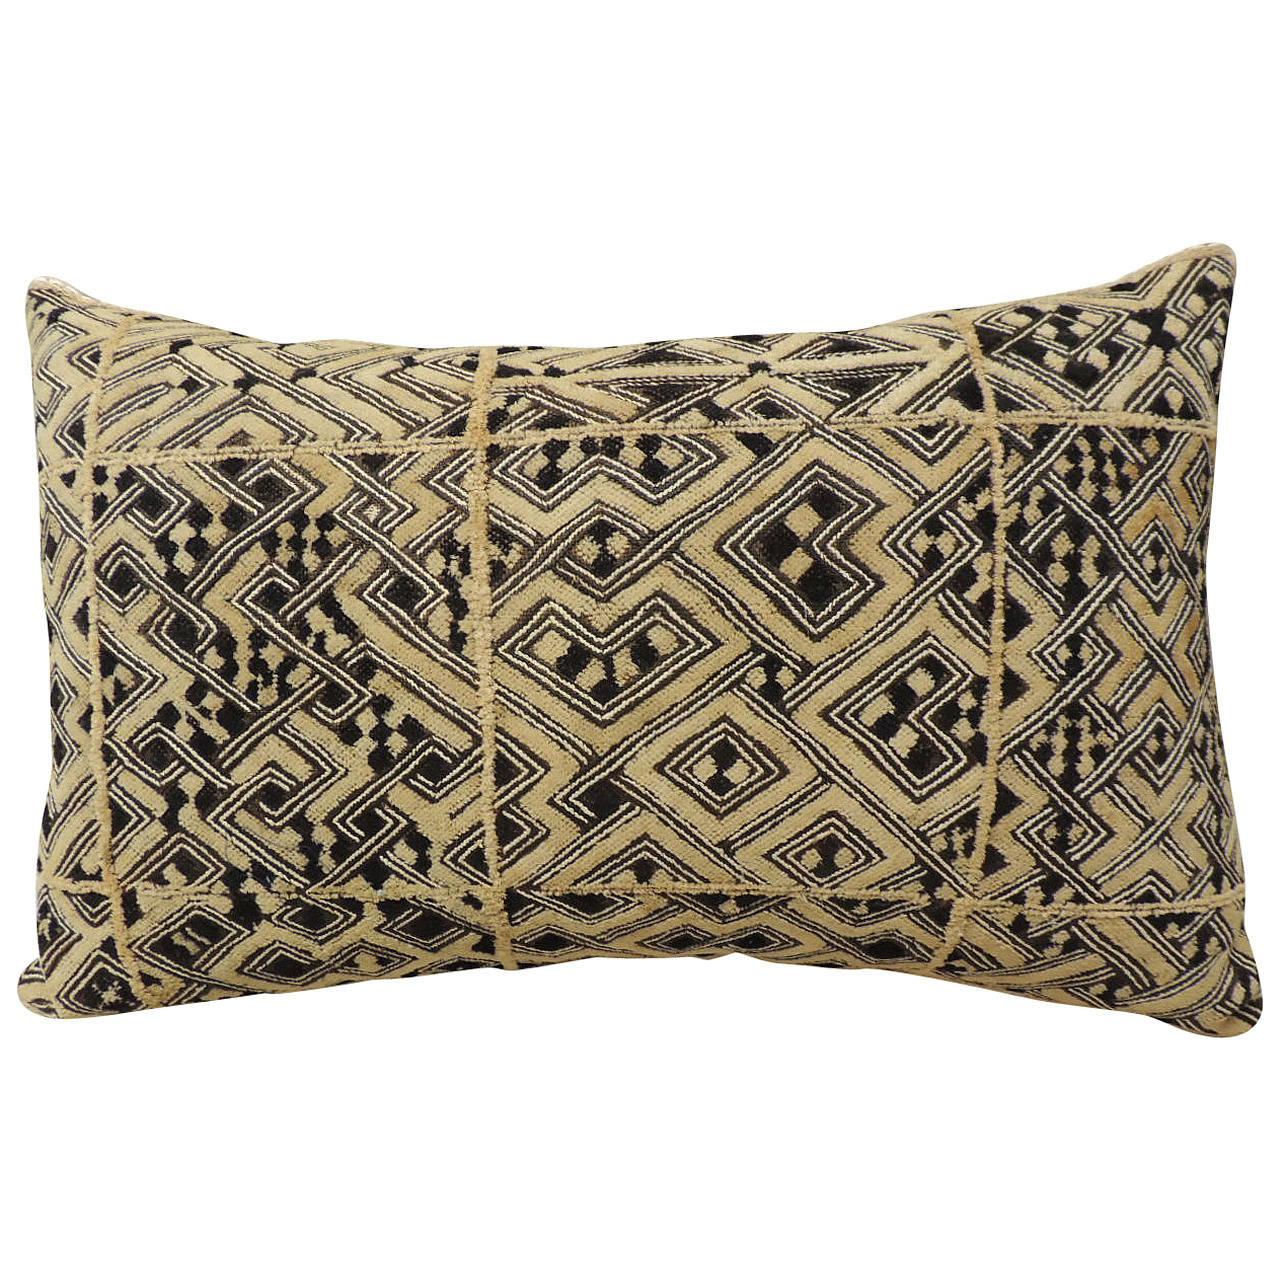 Large Vintage African Shoowa Raffia Velvet Bolster Decorative Pillow